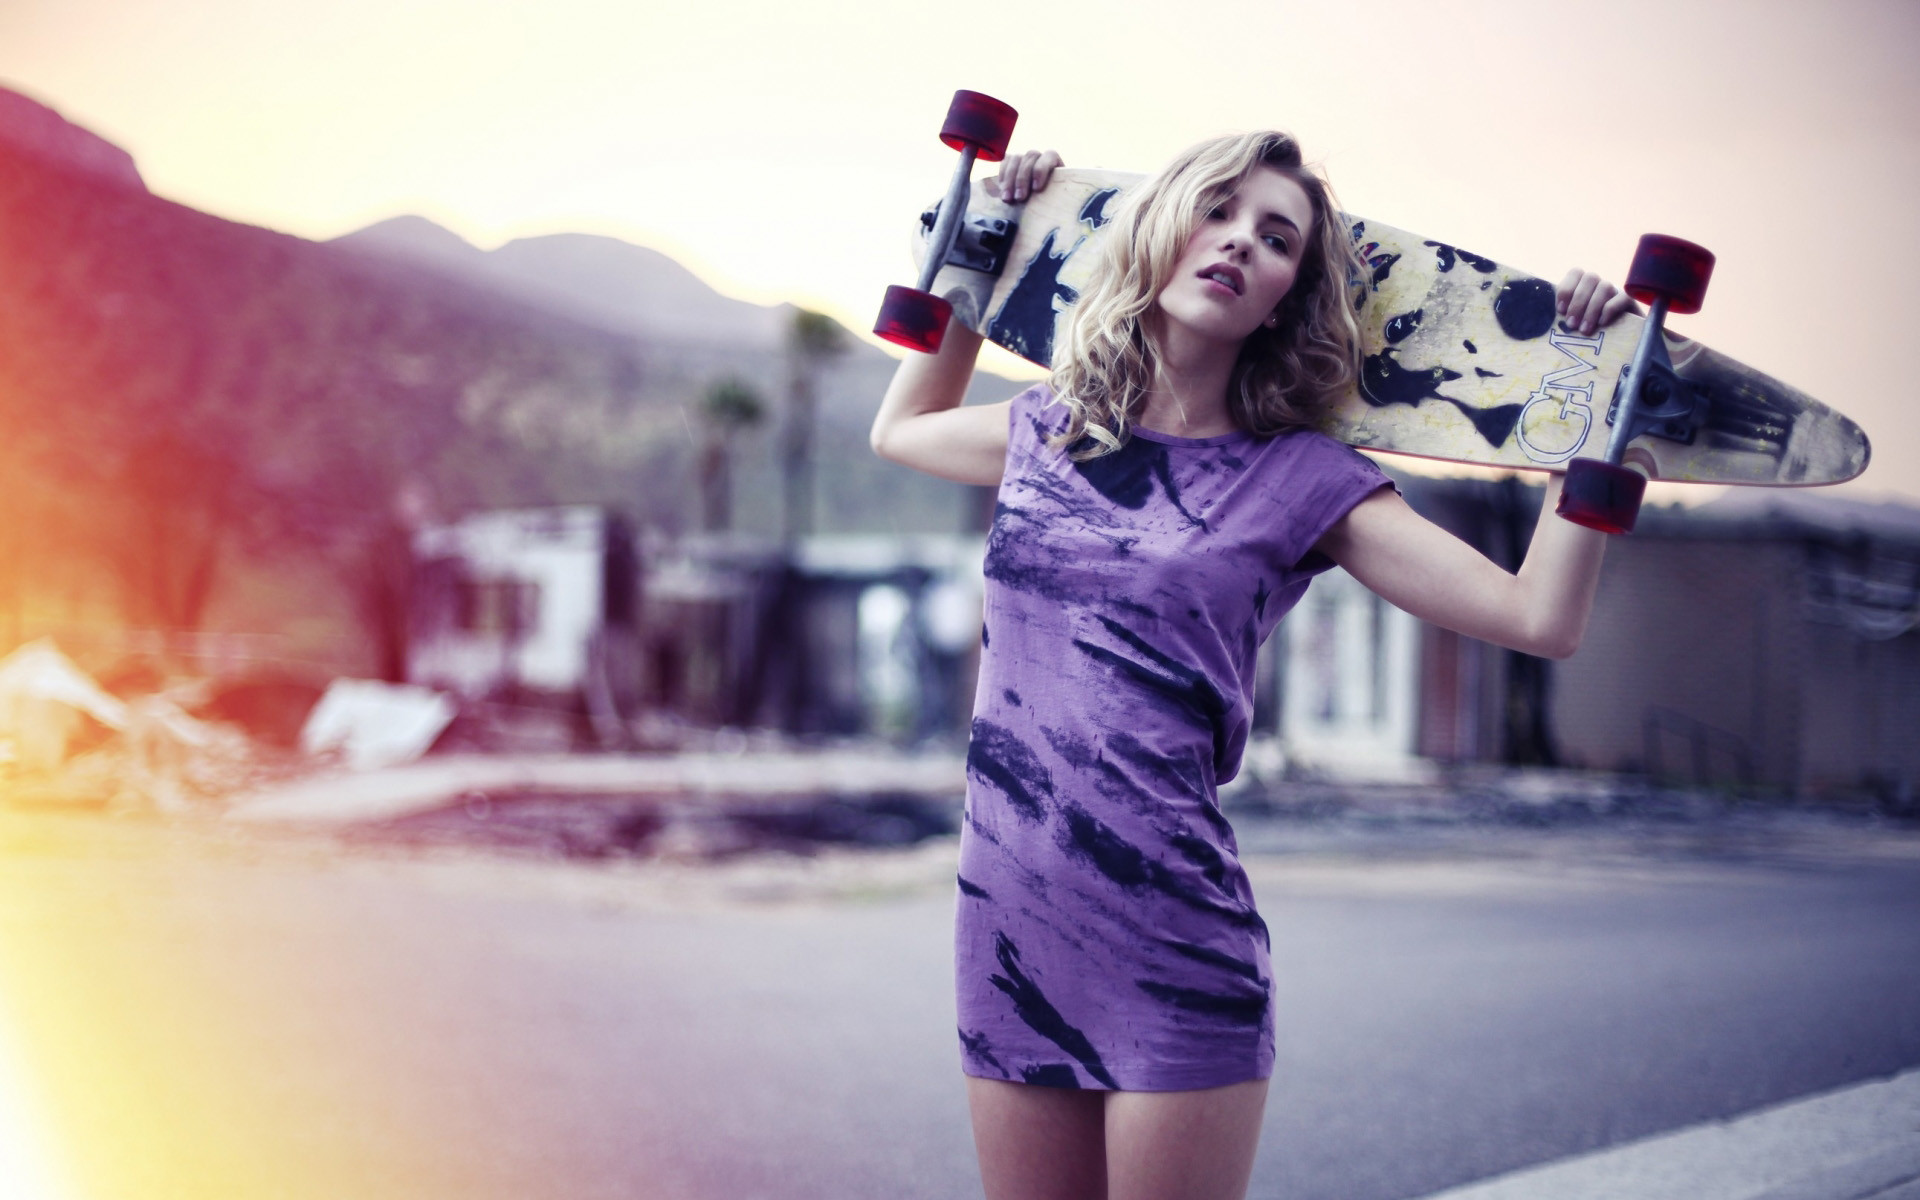 Skateboard Girl Wallpaper Girl Skateboard Wallpaper 31 Images